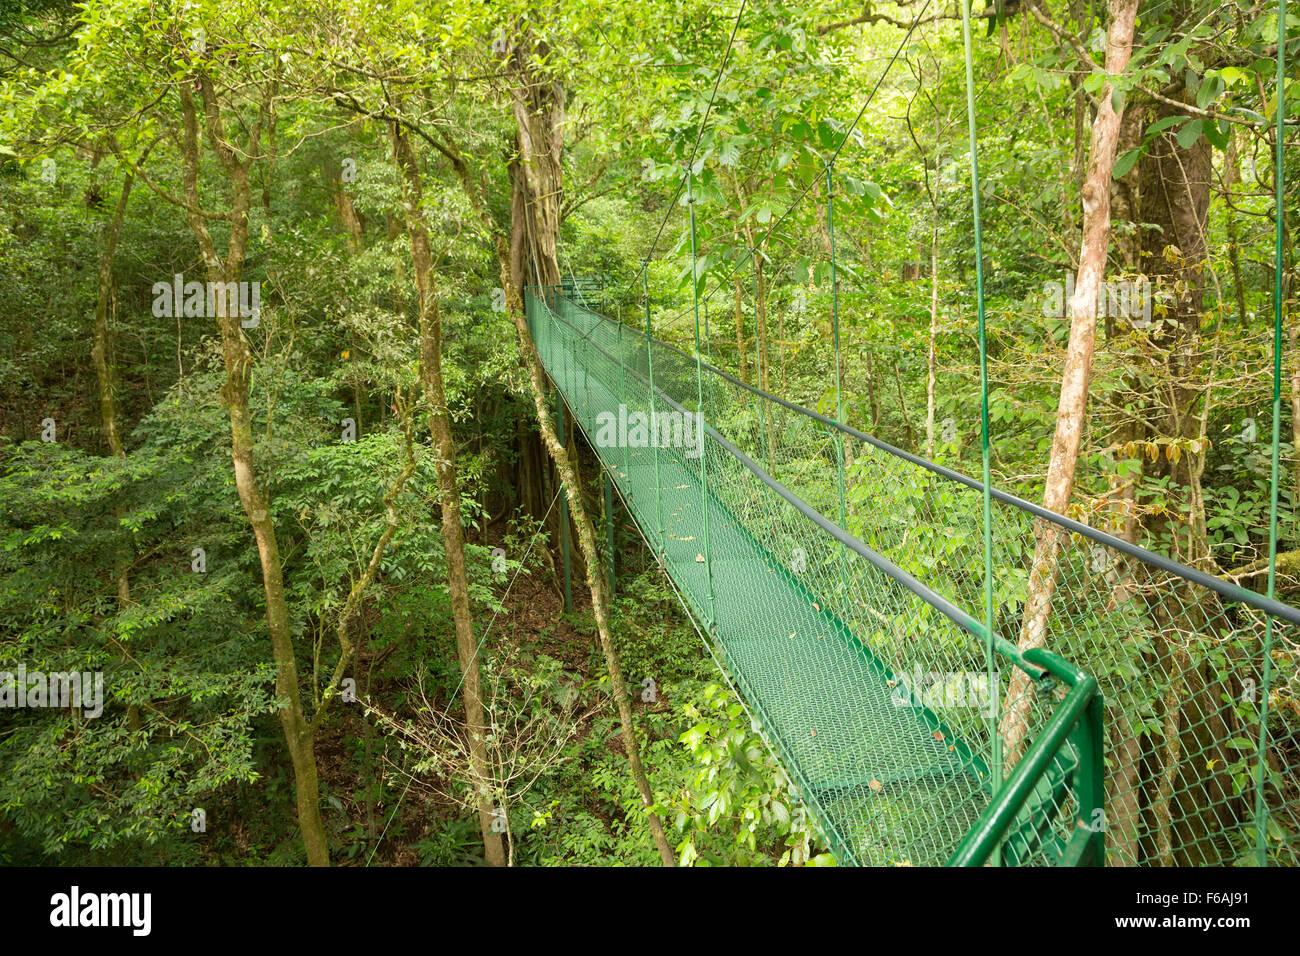 Puente colgante natural en el parque de selva tropical, Costa Rica Imagen De Stock